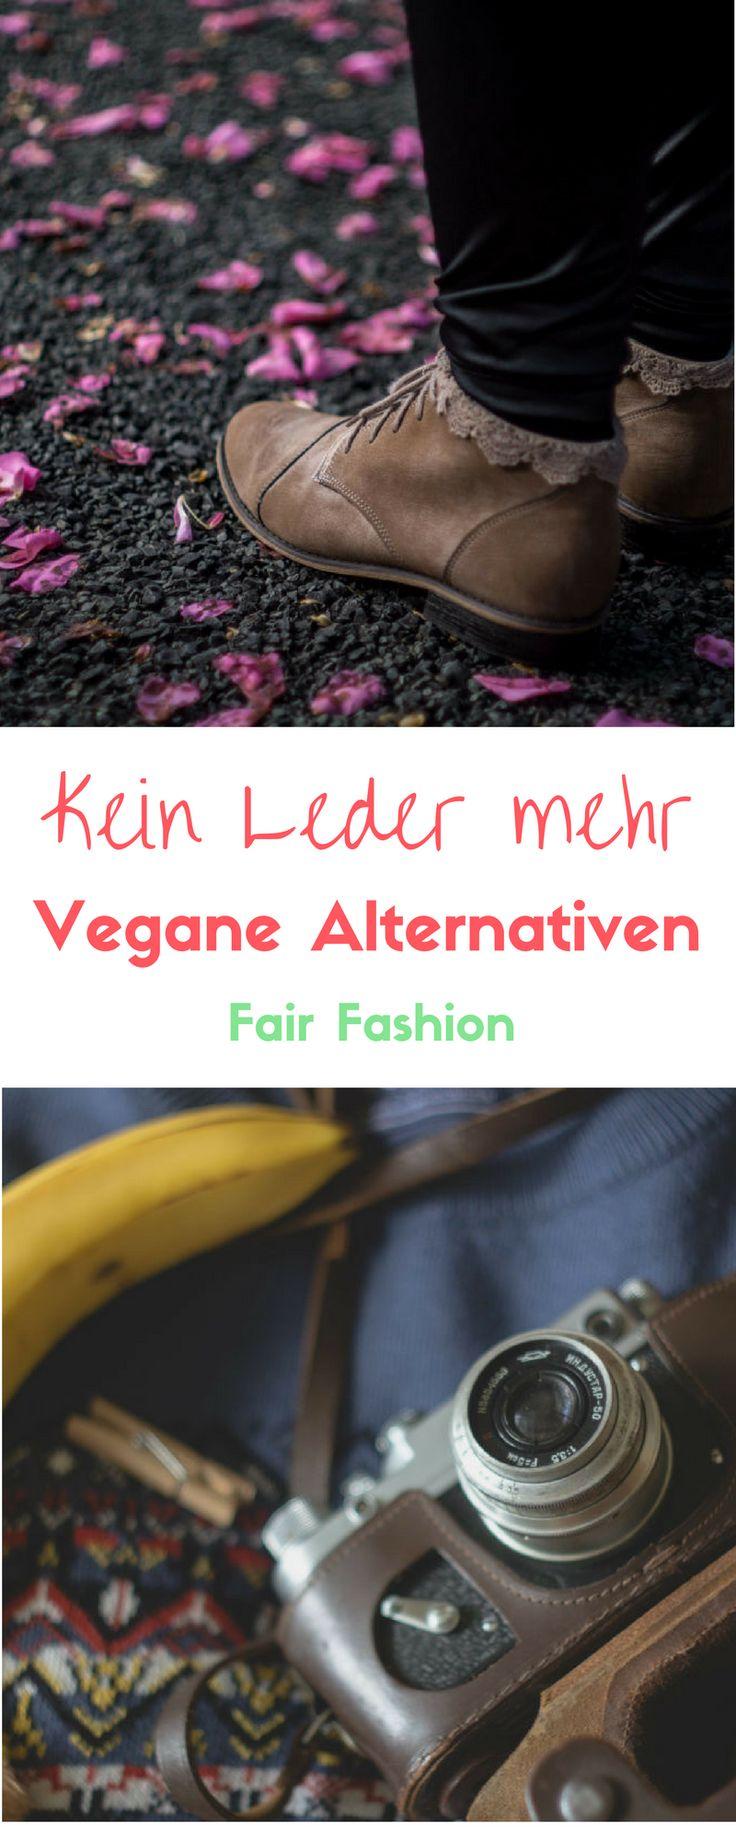 Vegane Alternativen zu Leder